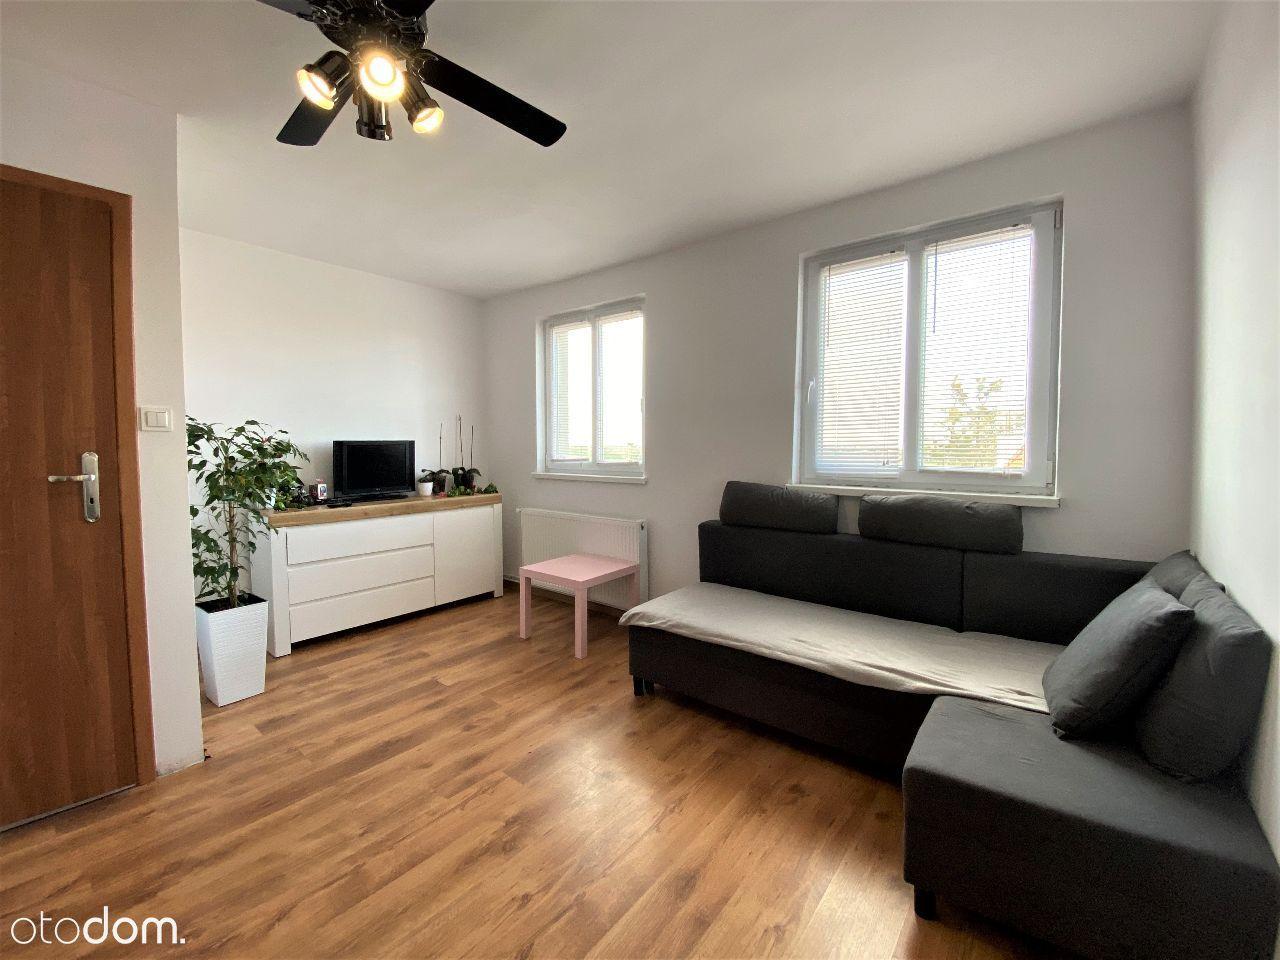 Sprzedam przytulne 2 pokojowe mieszkanie